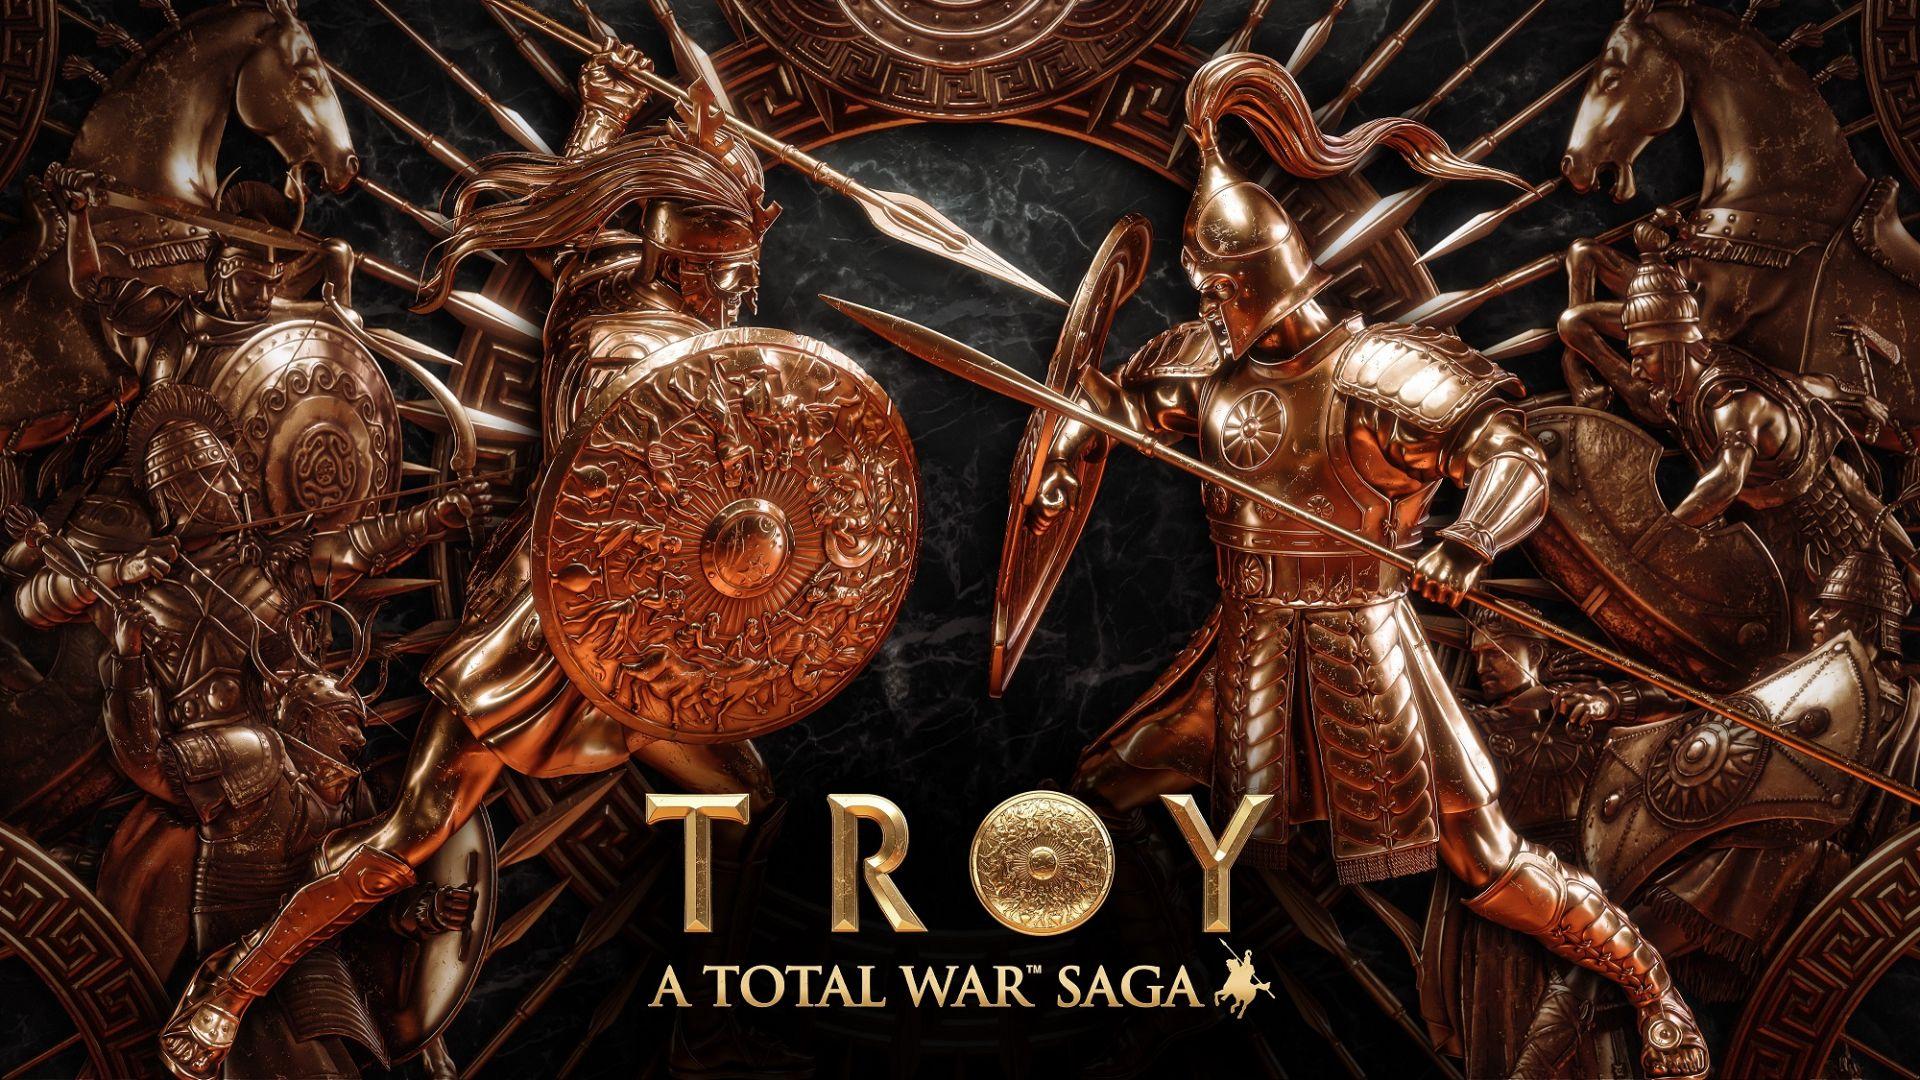 Българската A Total War Saga: Troy е номинирана за игра на годината от TIGA